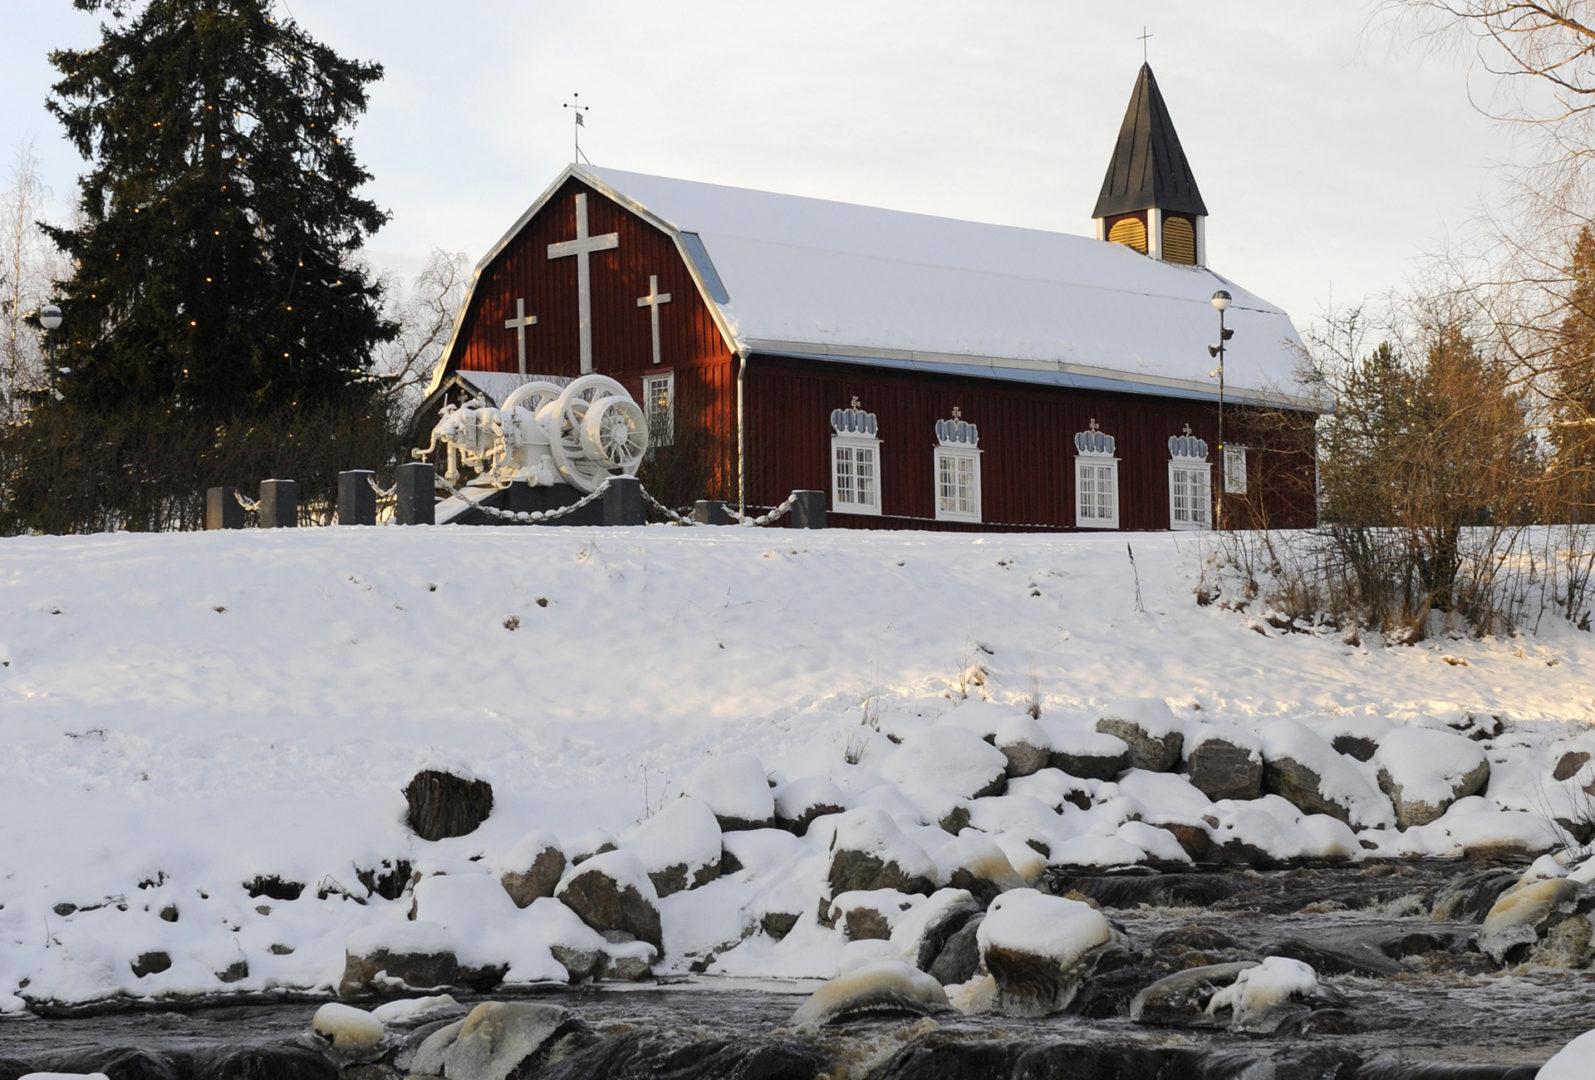 Kellokosken ruukkialue on yhä yksi Suomen yhtenäisimmistä rautateollisuusalueista. Ruukin vanhin rakennus on hirsirakenteinen kirkko, joka rakennettiin patoaltaan mäelle vuonna 1800.